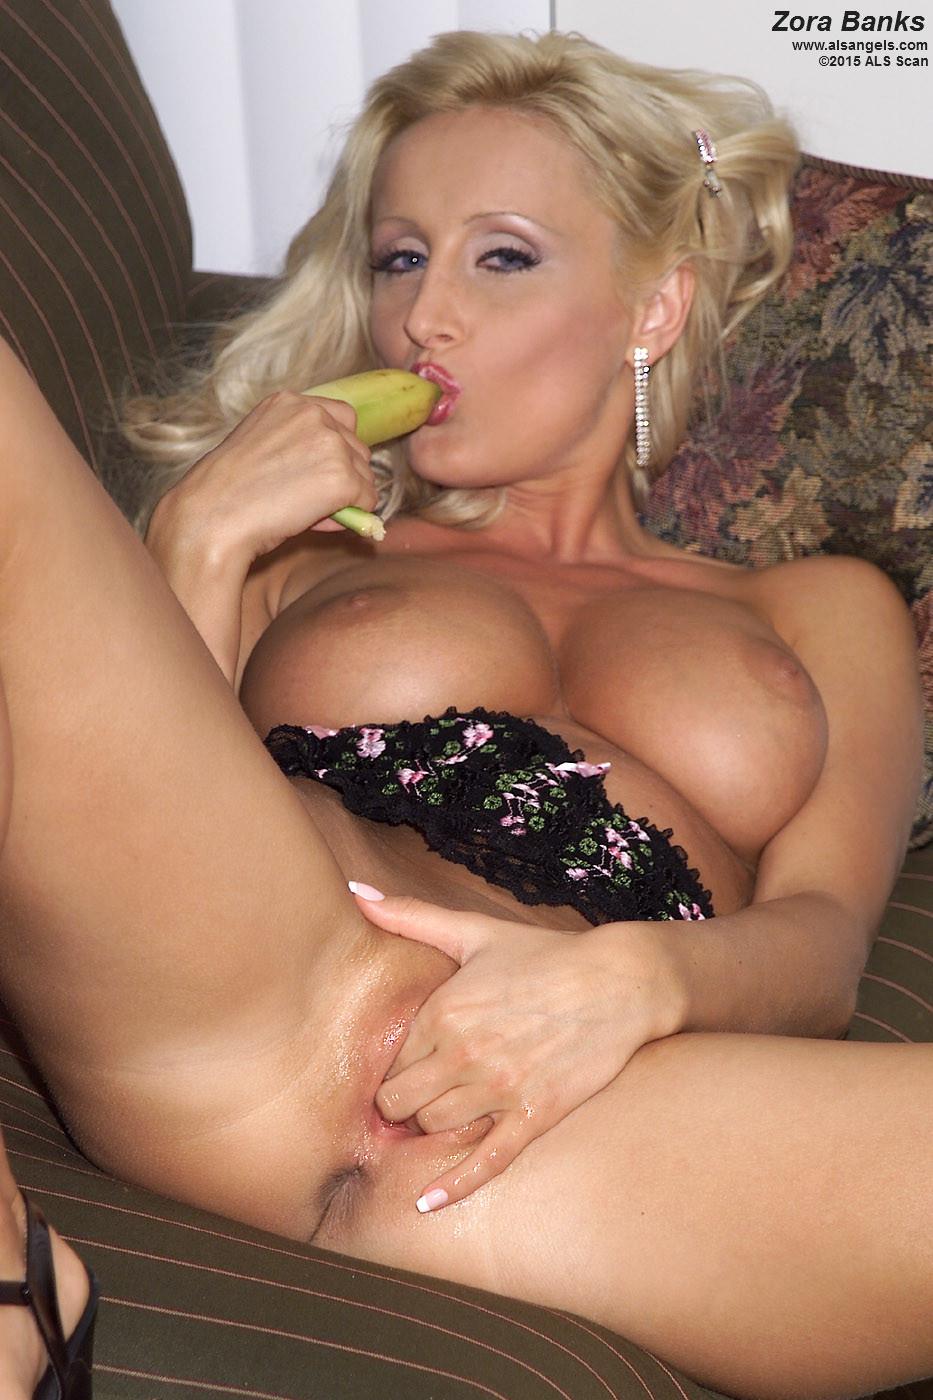 Зора Бэнкс – похотливая девушка, которая так желает траха, что удовлетворяется с помощью банана